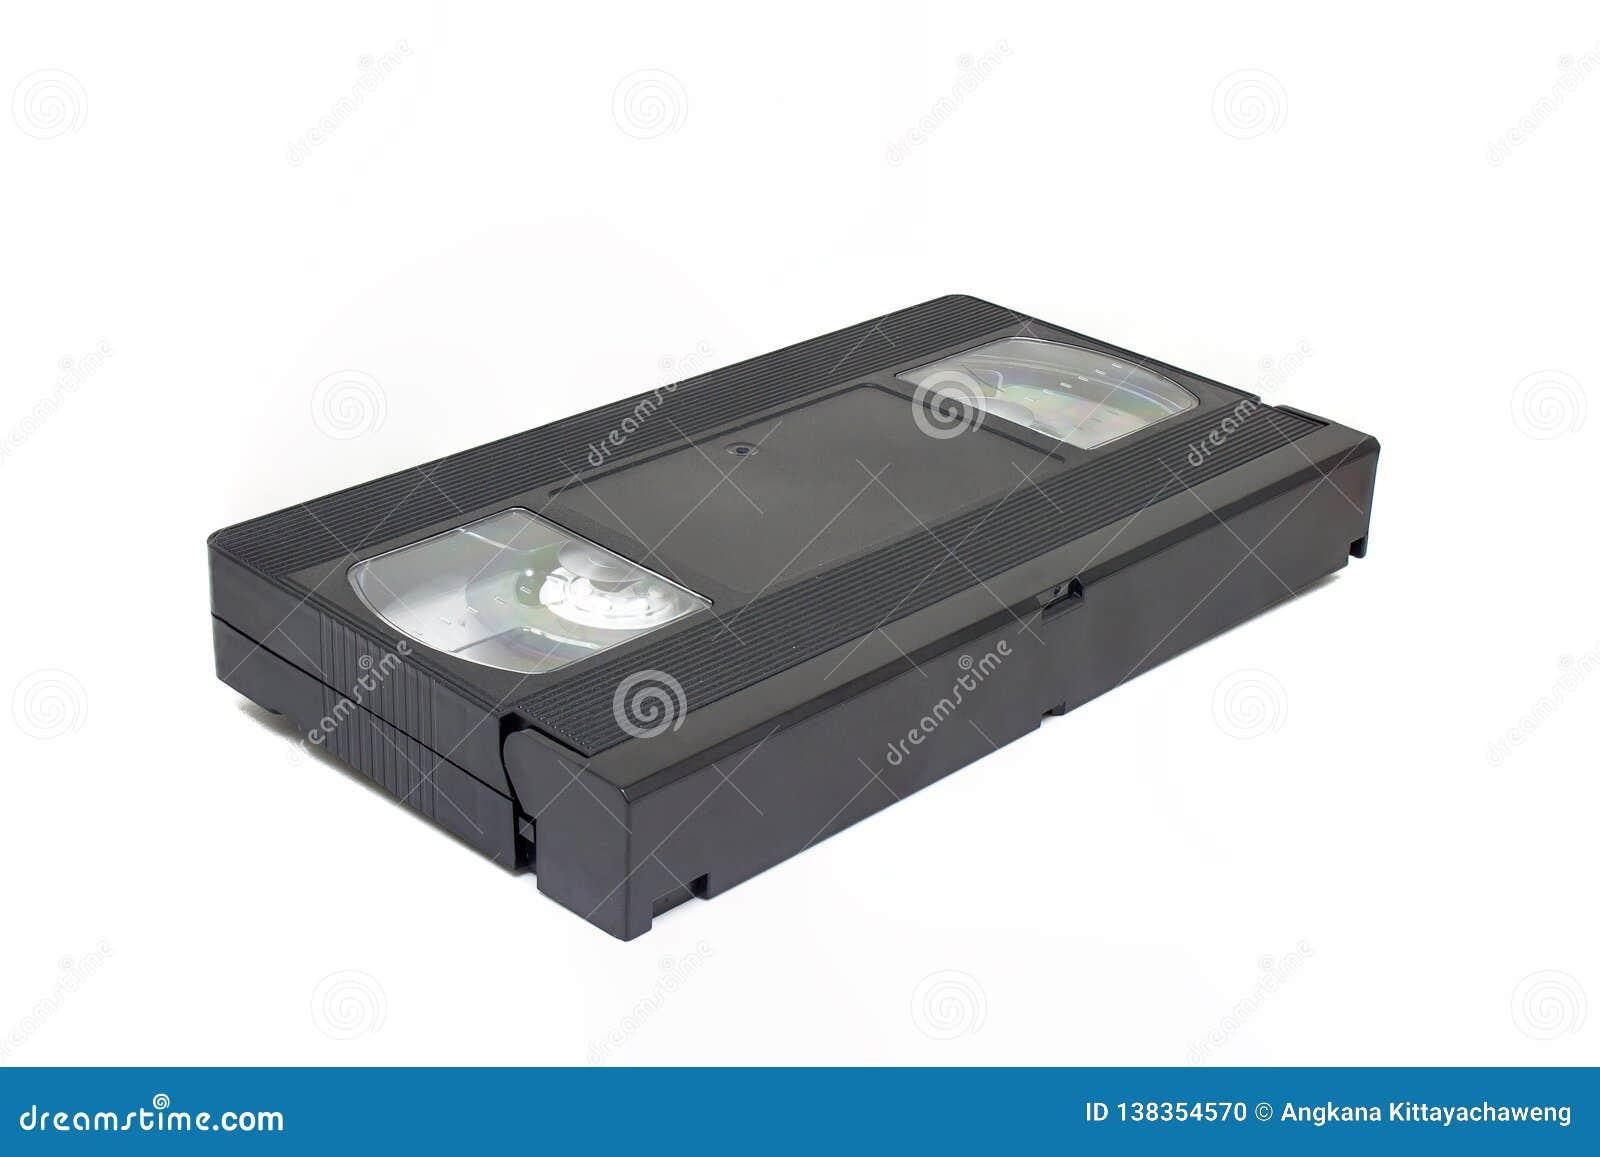 Παλαιό τηλεοπτικό εγχώριο σύστημα ή κασέτα ταινιών VHS που απομονώνεται στο άσπρο υπόβαθρο